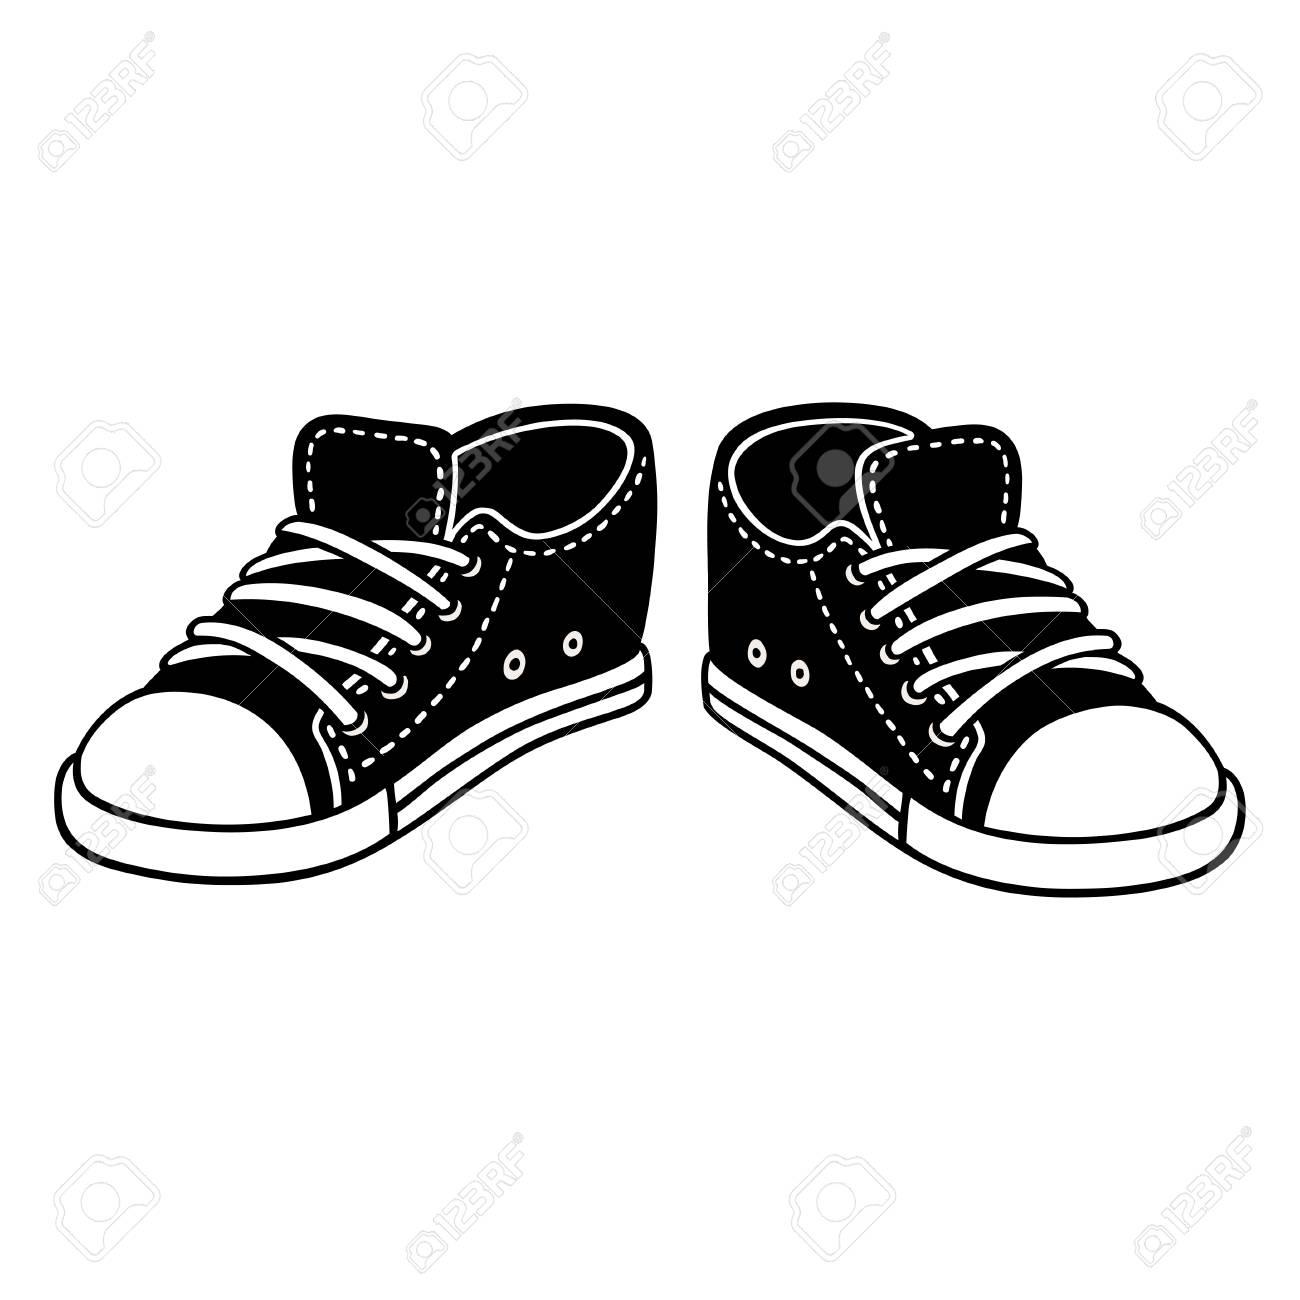 Mano Zapatillas Dibujada Negras A AnimadoDeporte Clásicas Dibujo Ilustración De Vectorial Lona HYE9WD2I